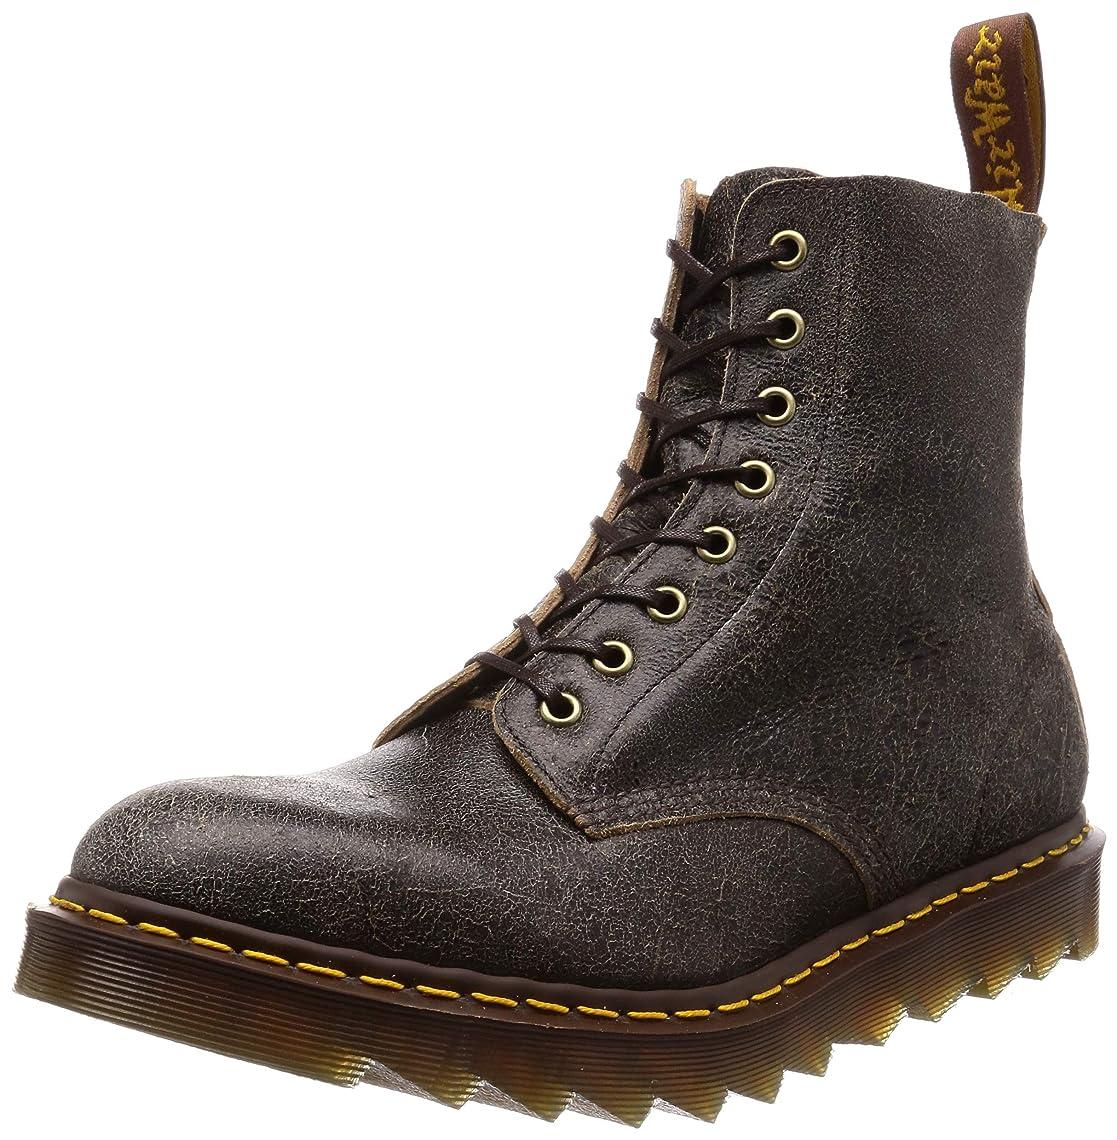 レモンジェット受け皿[ドクターマーチン] ブーツ MADE IN ENGLAND 1460 PASCAL 8ホール 24199632